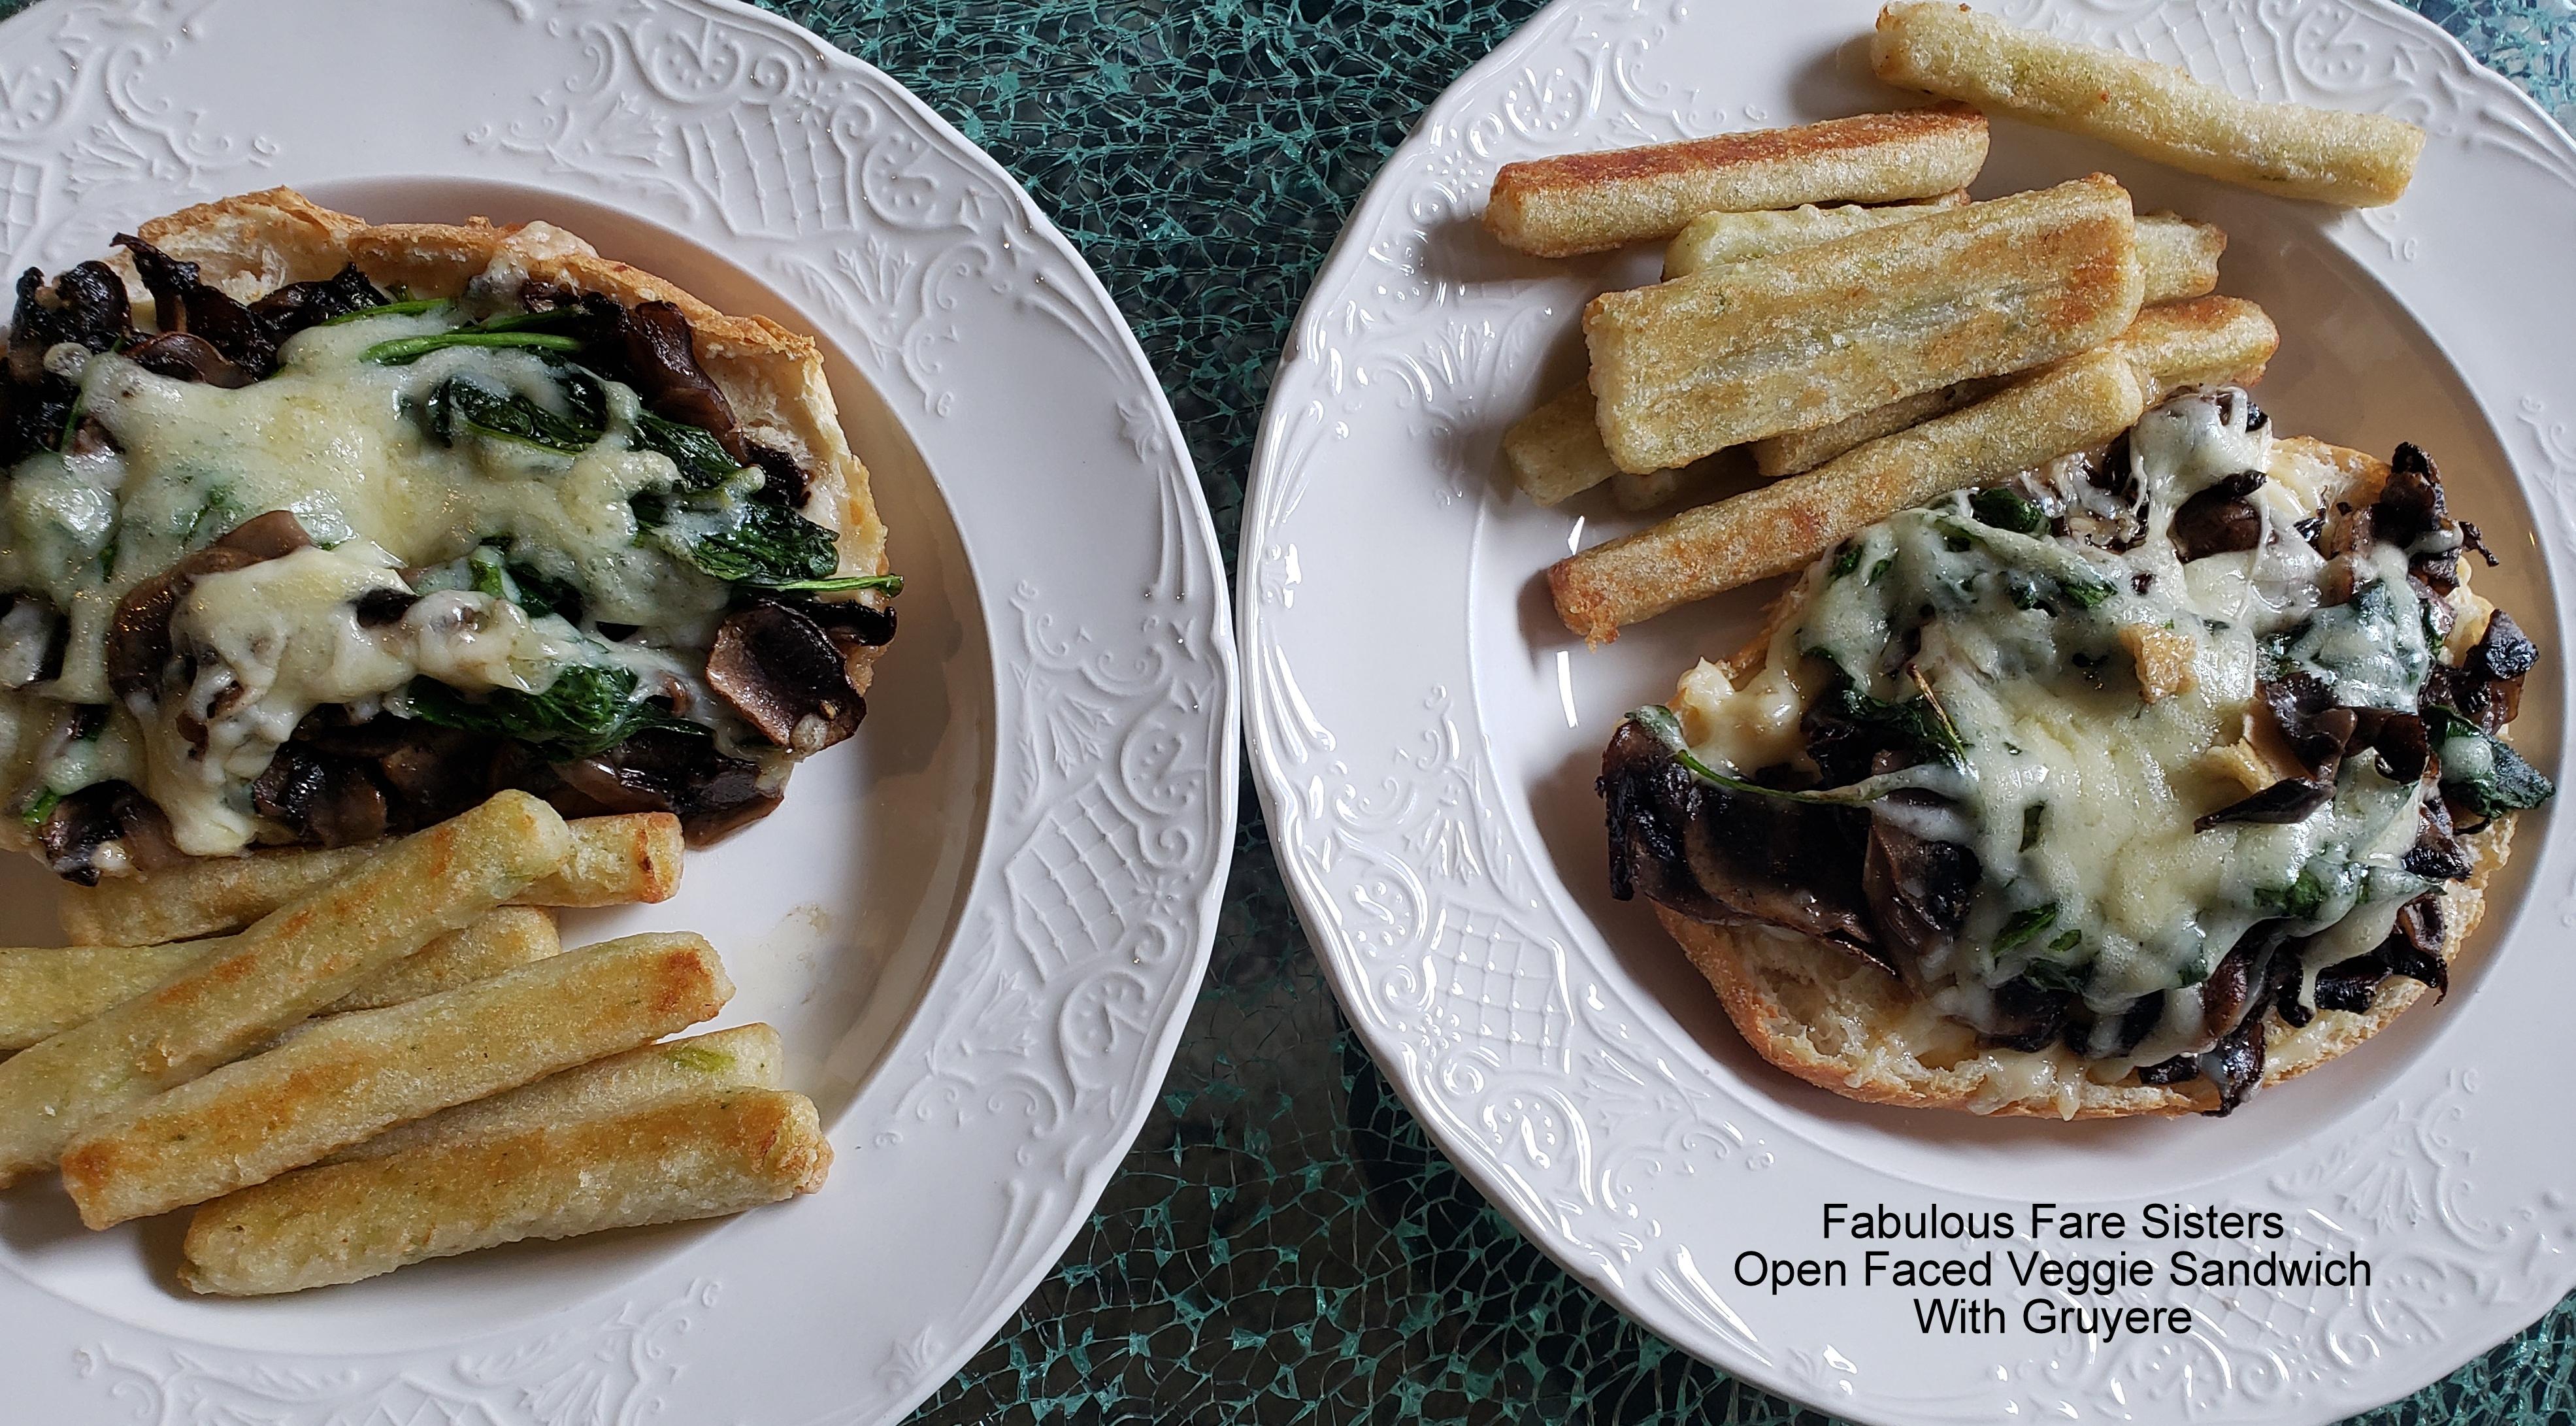 Open Faced Veggie Sandwich